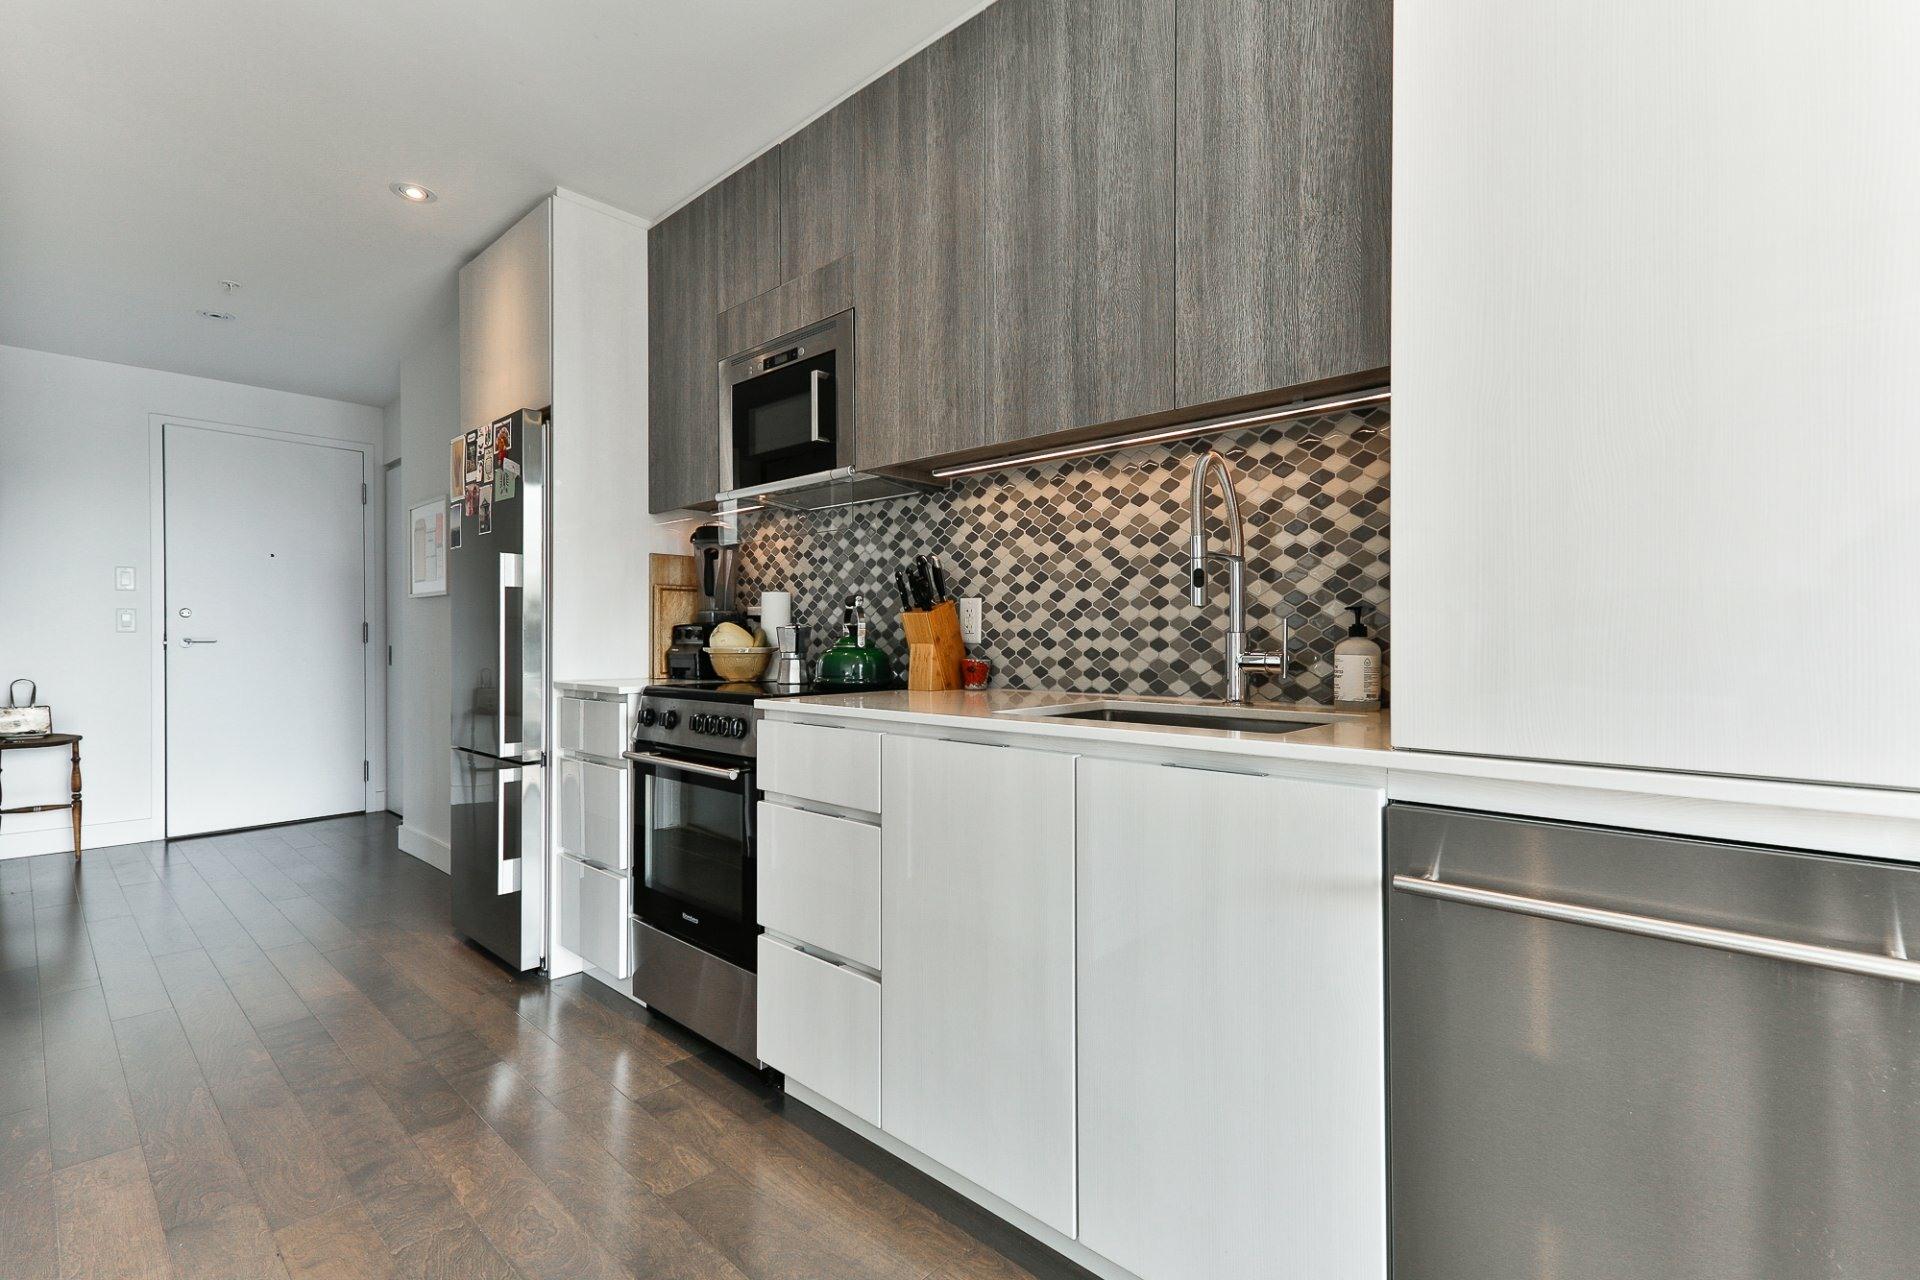 image 7 - Appartement À vendre Villeray/Saint-Michel/Parc-Extension Montréal  - 4 pièces